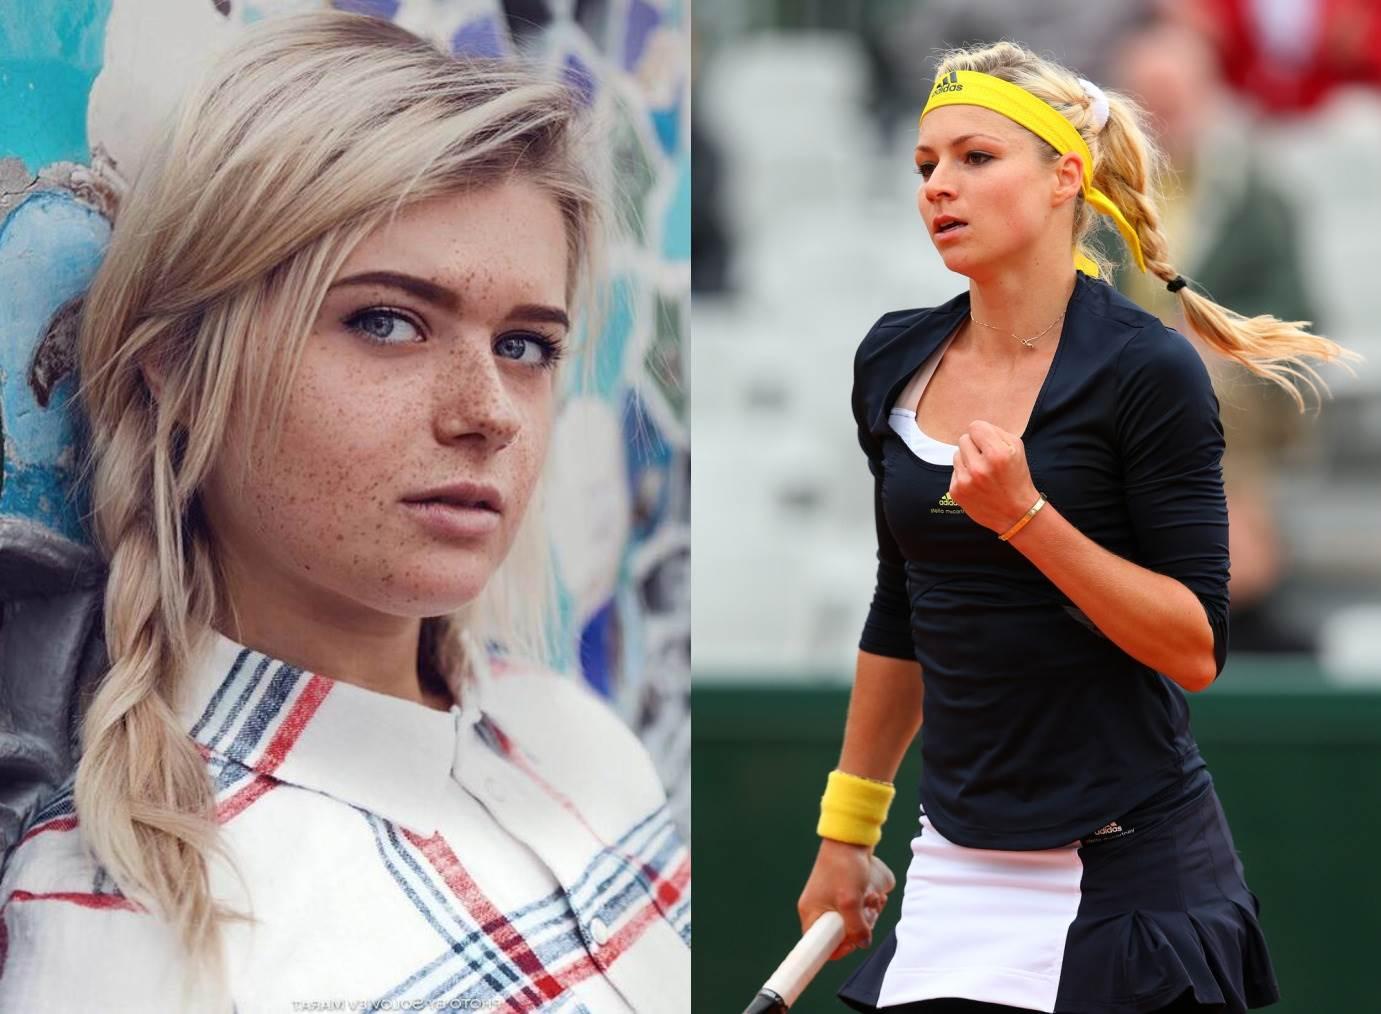 Самые красивые российские спортсменки (32 фото)